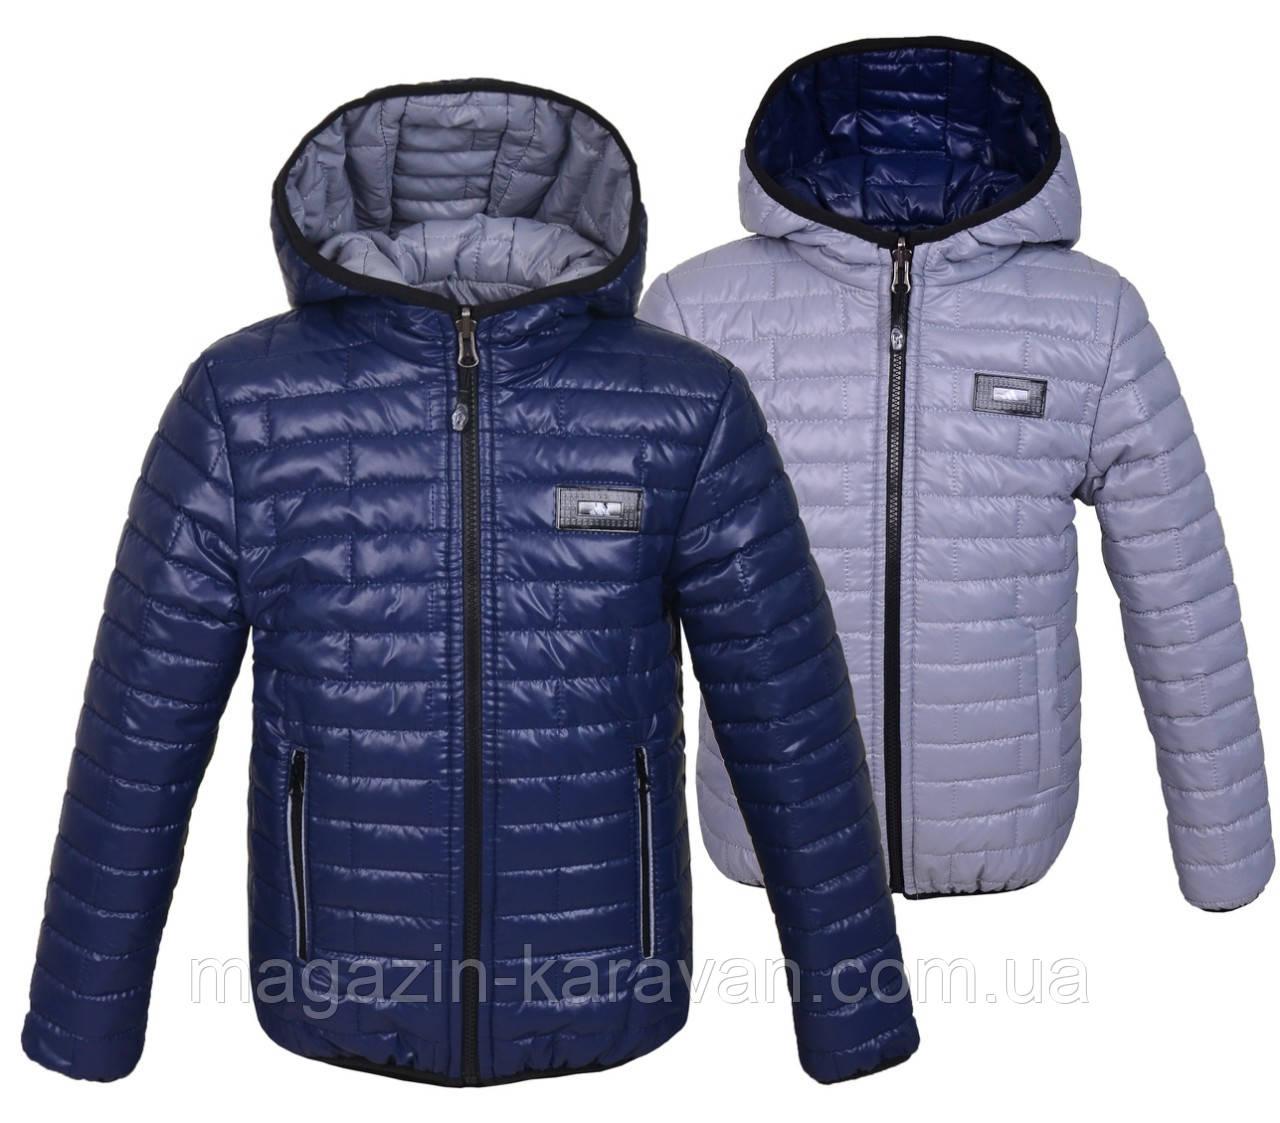 Куртка для мальчика стильная двухсторонняя демисезонная